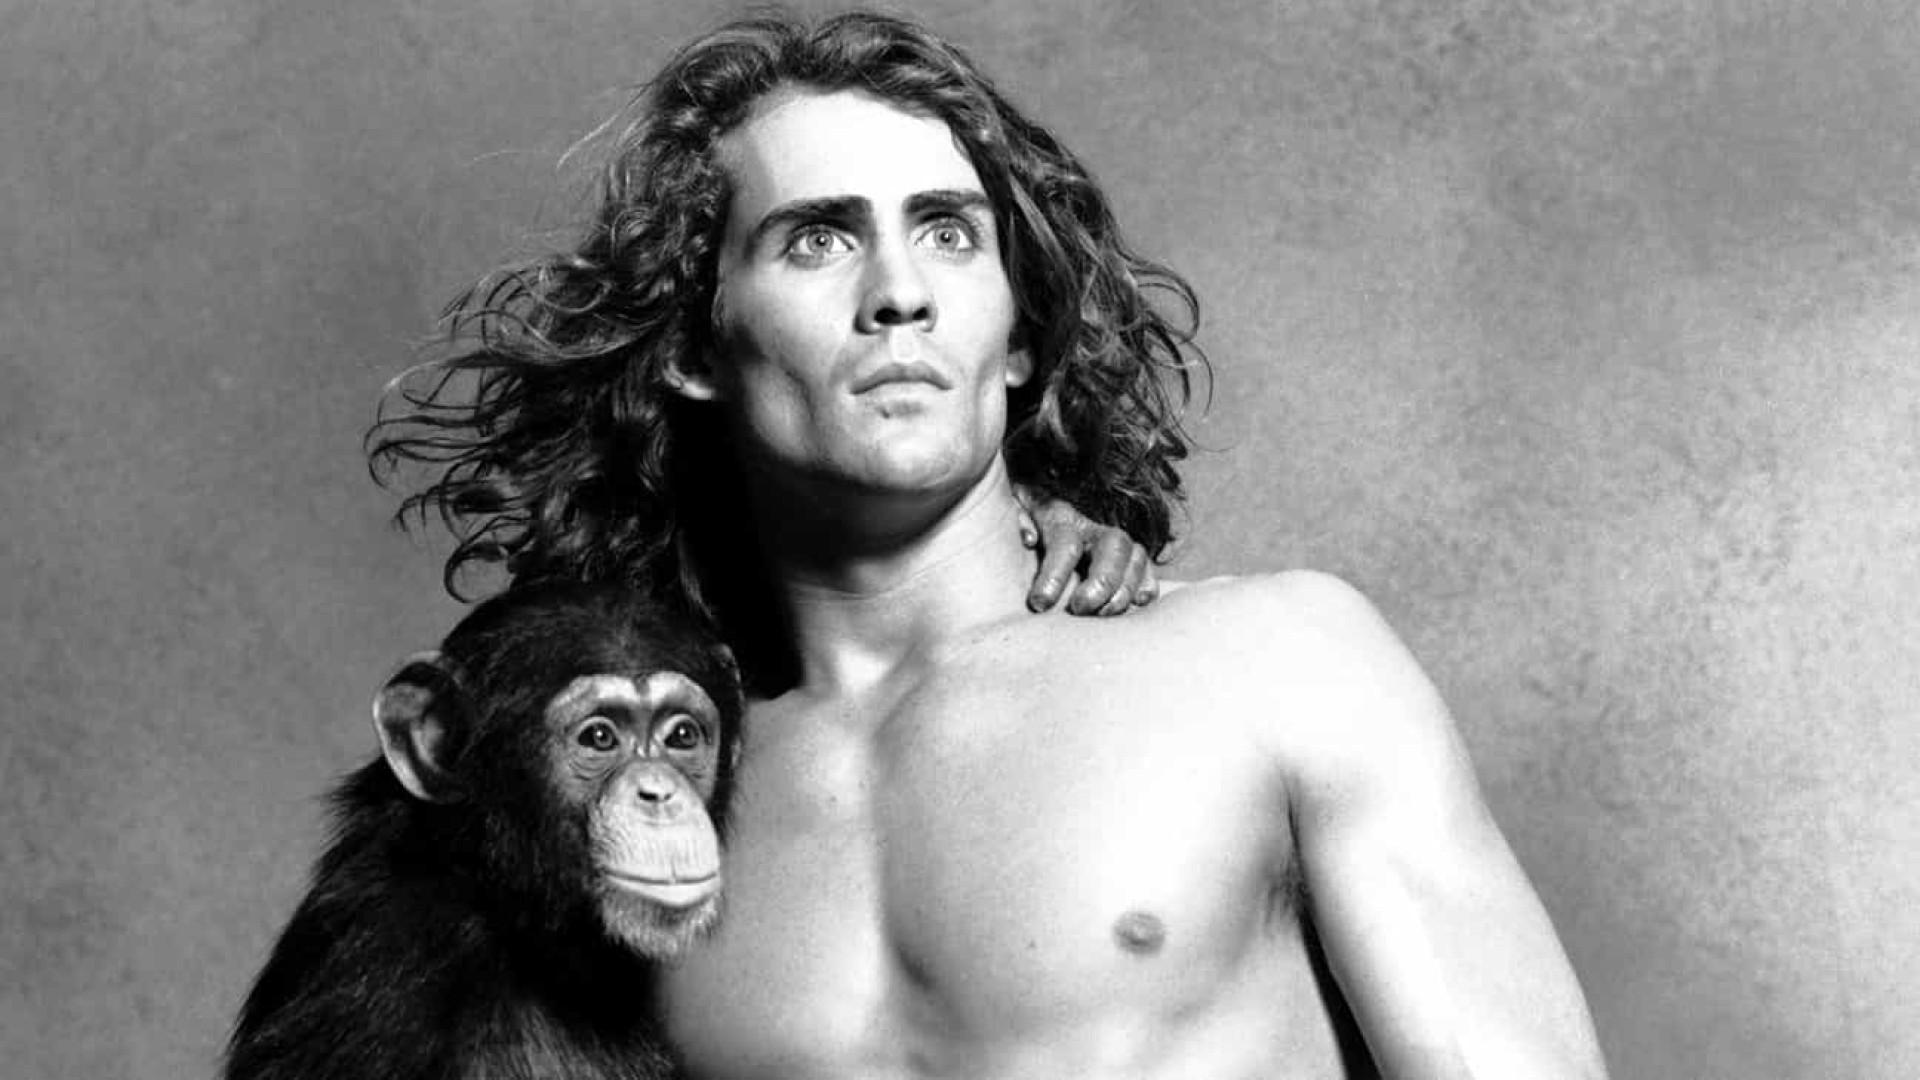 Ator que interpretou Tarzan na TV, morre em acidente de avião nos EUA